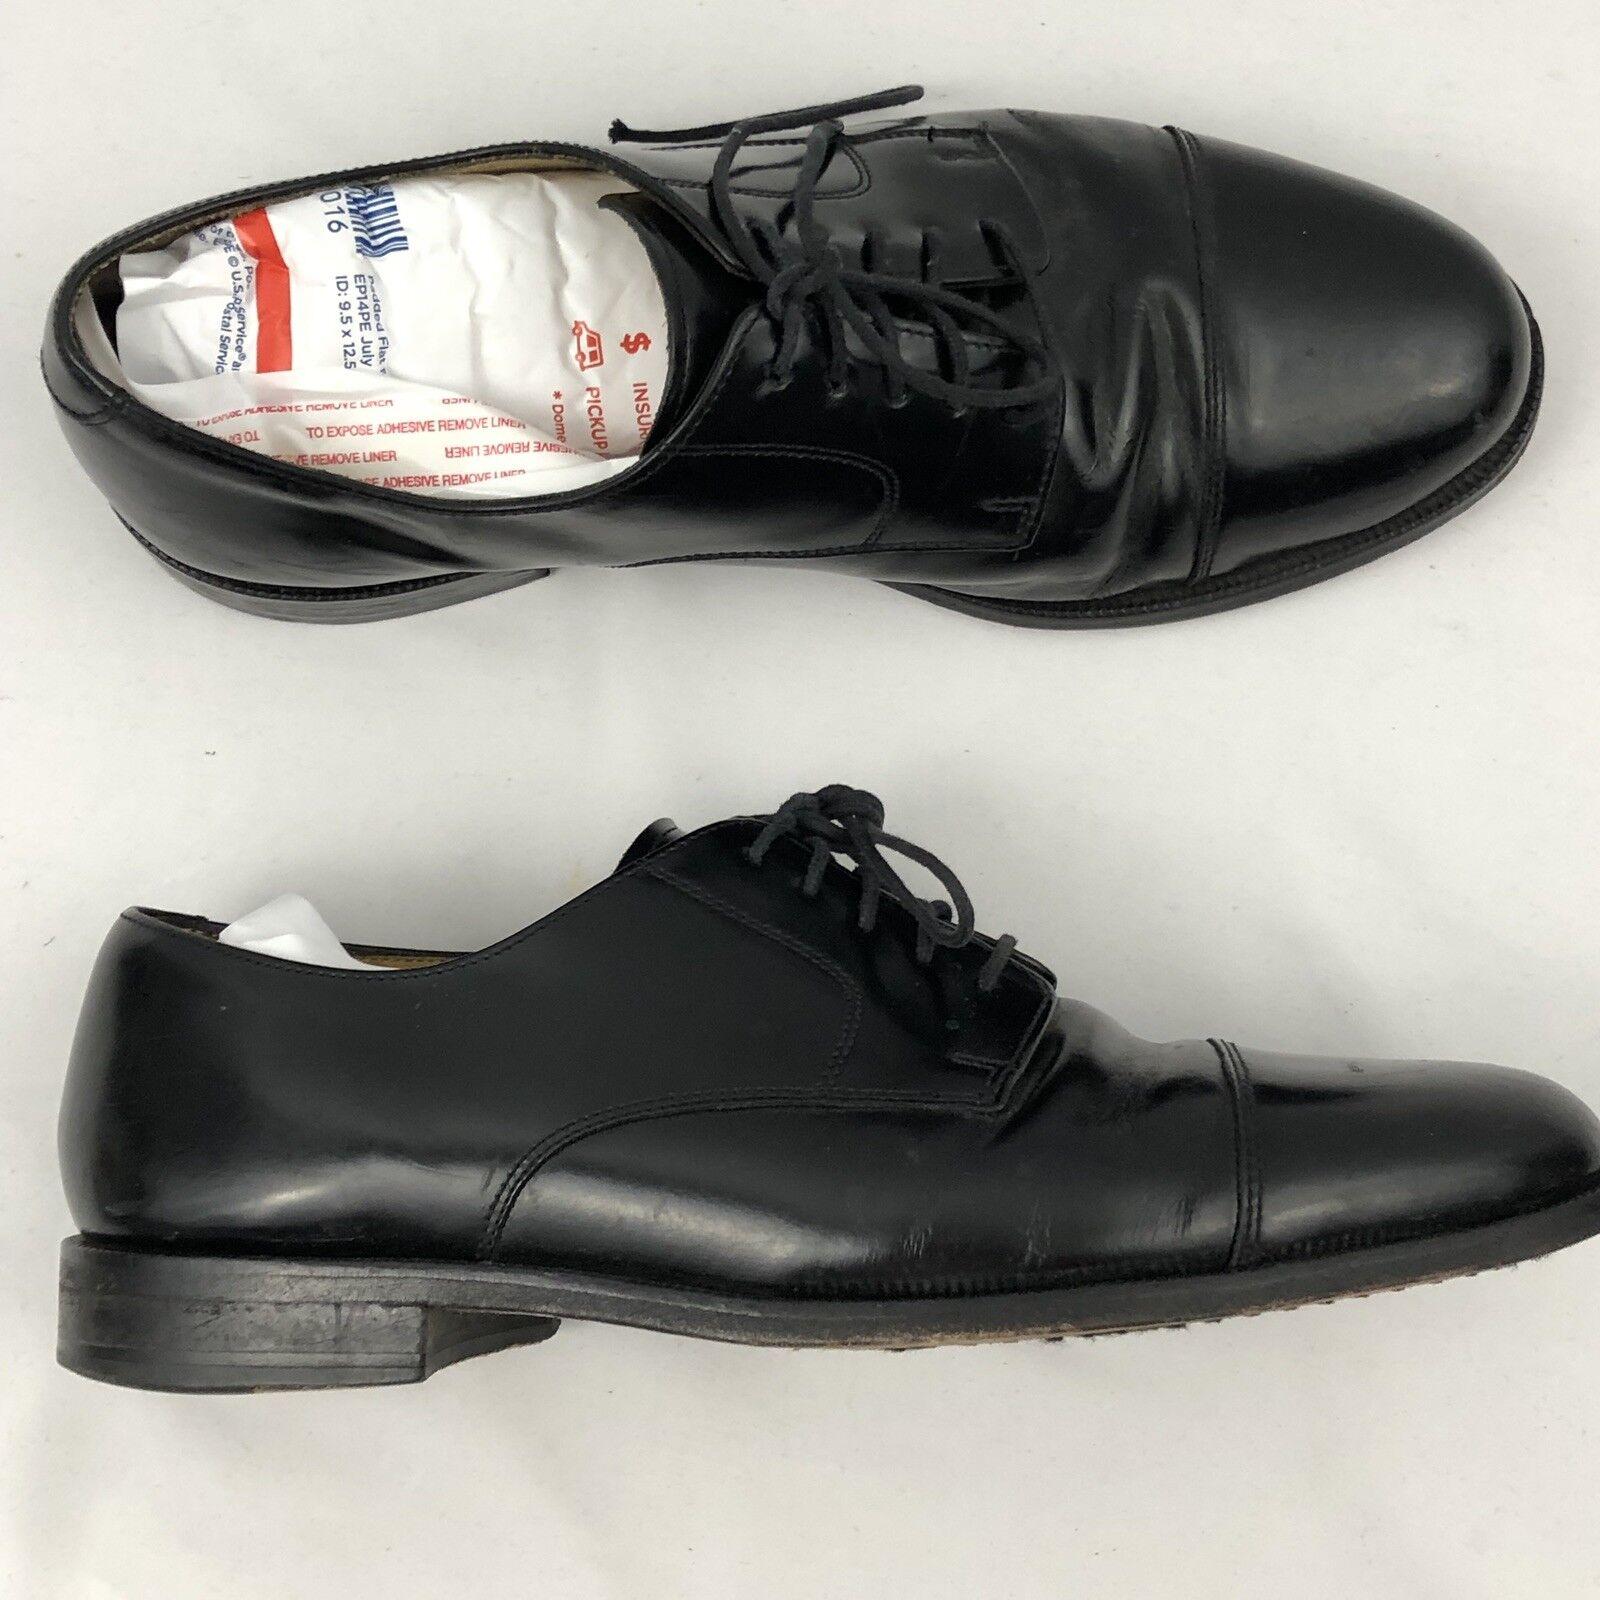 Cole Haan Homme à Lacets en Cuir Noir Cap Toe   derbies chaussures taille 9.5D